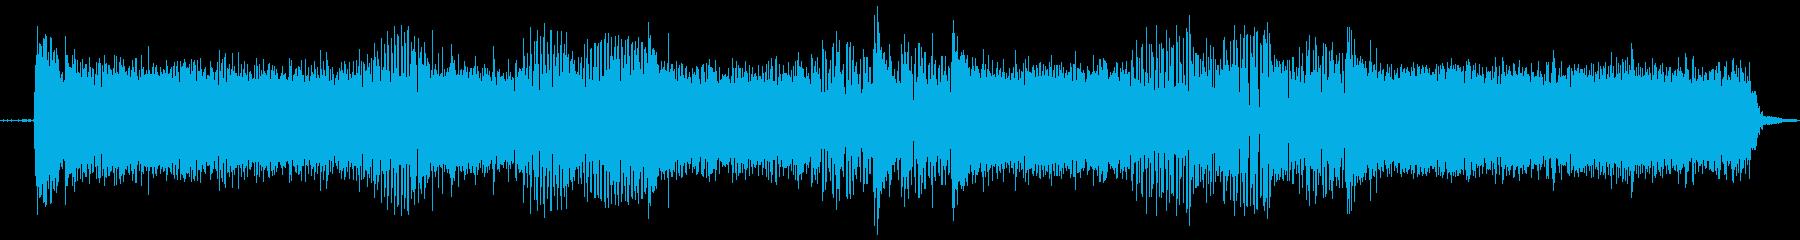 【エレキギター・リフ】ハードロック風の再生済みの波形